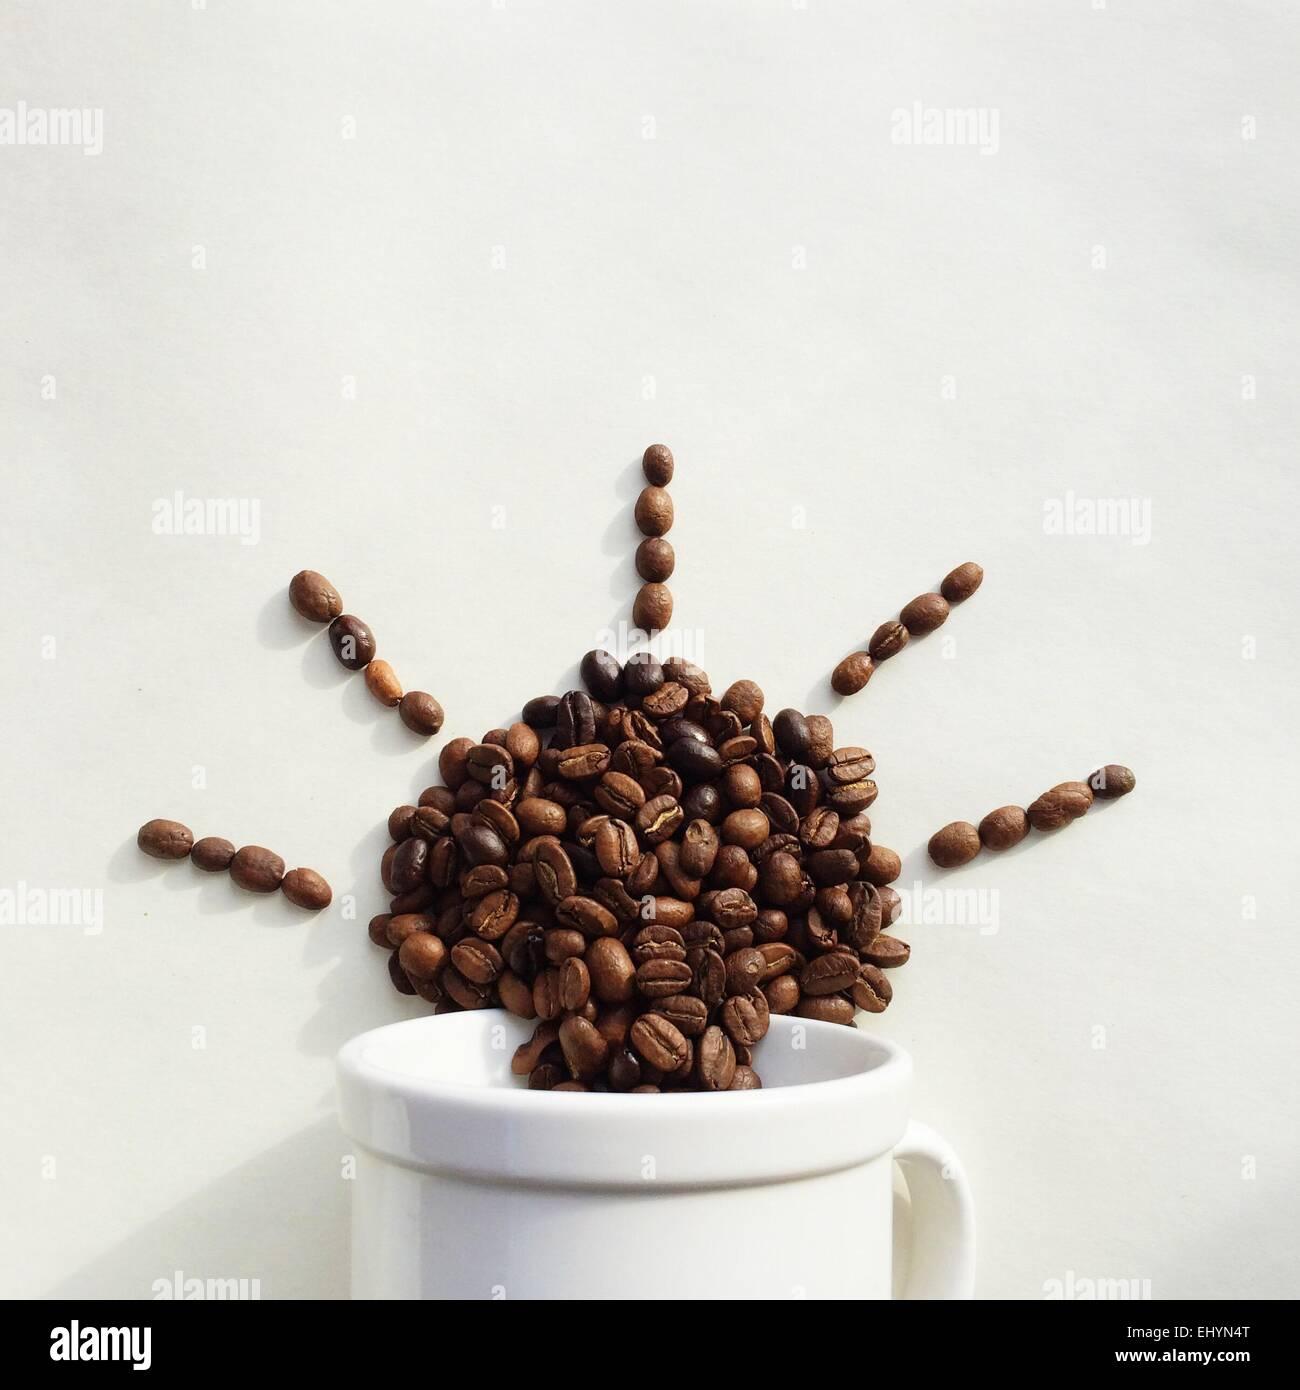 Los granos de café que sale de una taza en la forma del sol Imagen De Stock